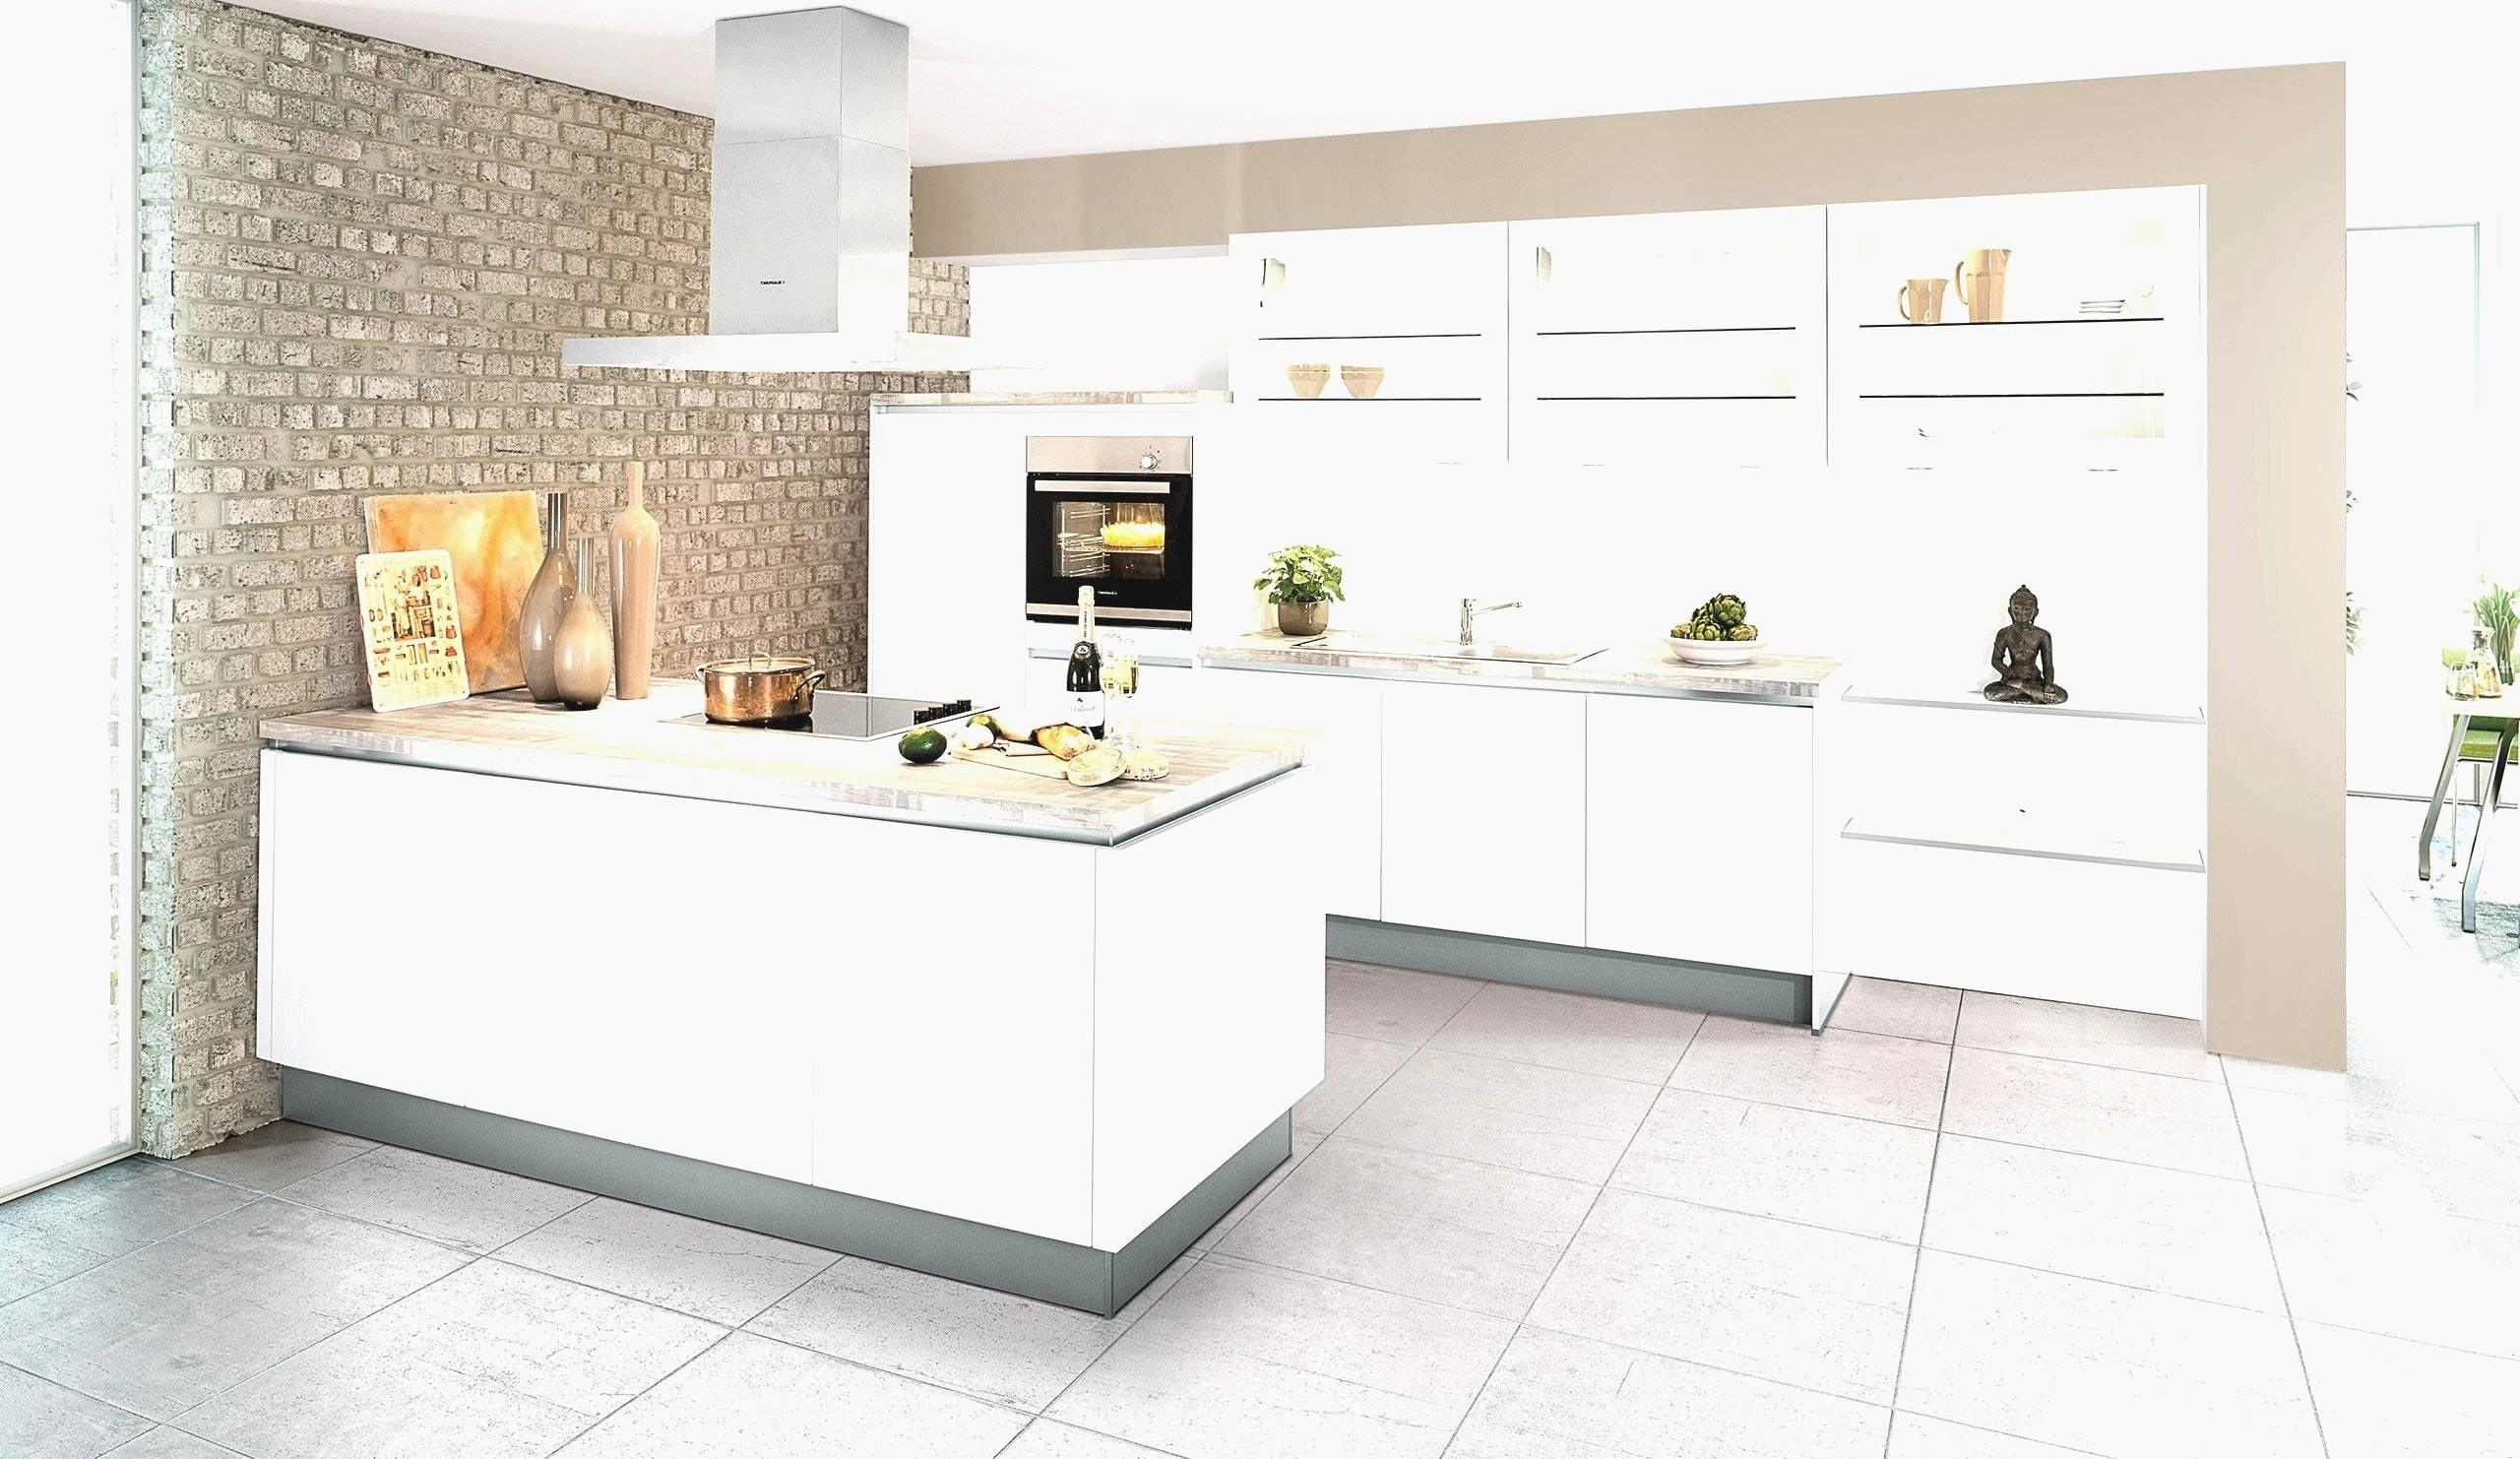 Full Size of Kosten Küche Luxury Küche Fliesen Kosten Küche Kosten Pro Meter Ostseesuche Küche Ikea Küche Kosten